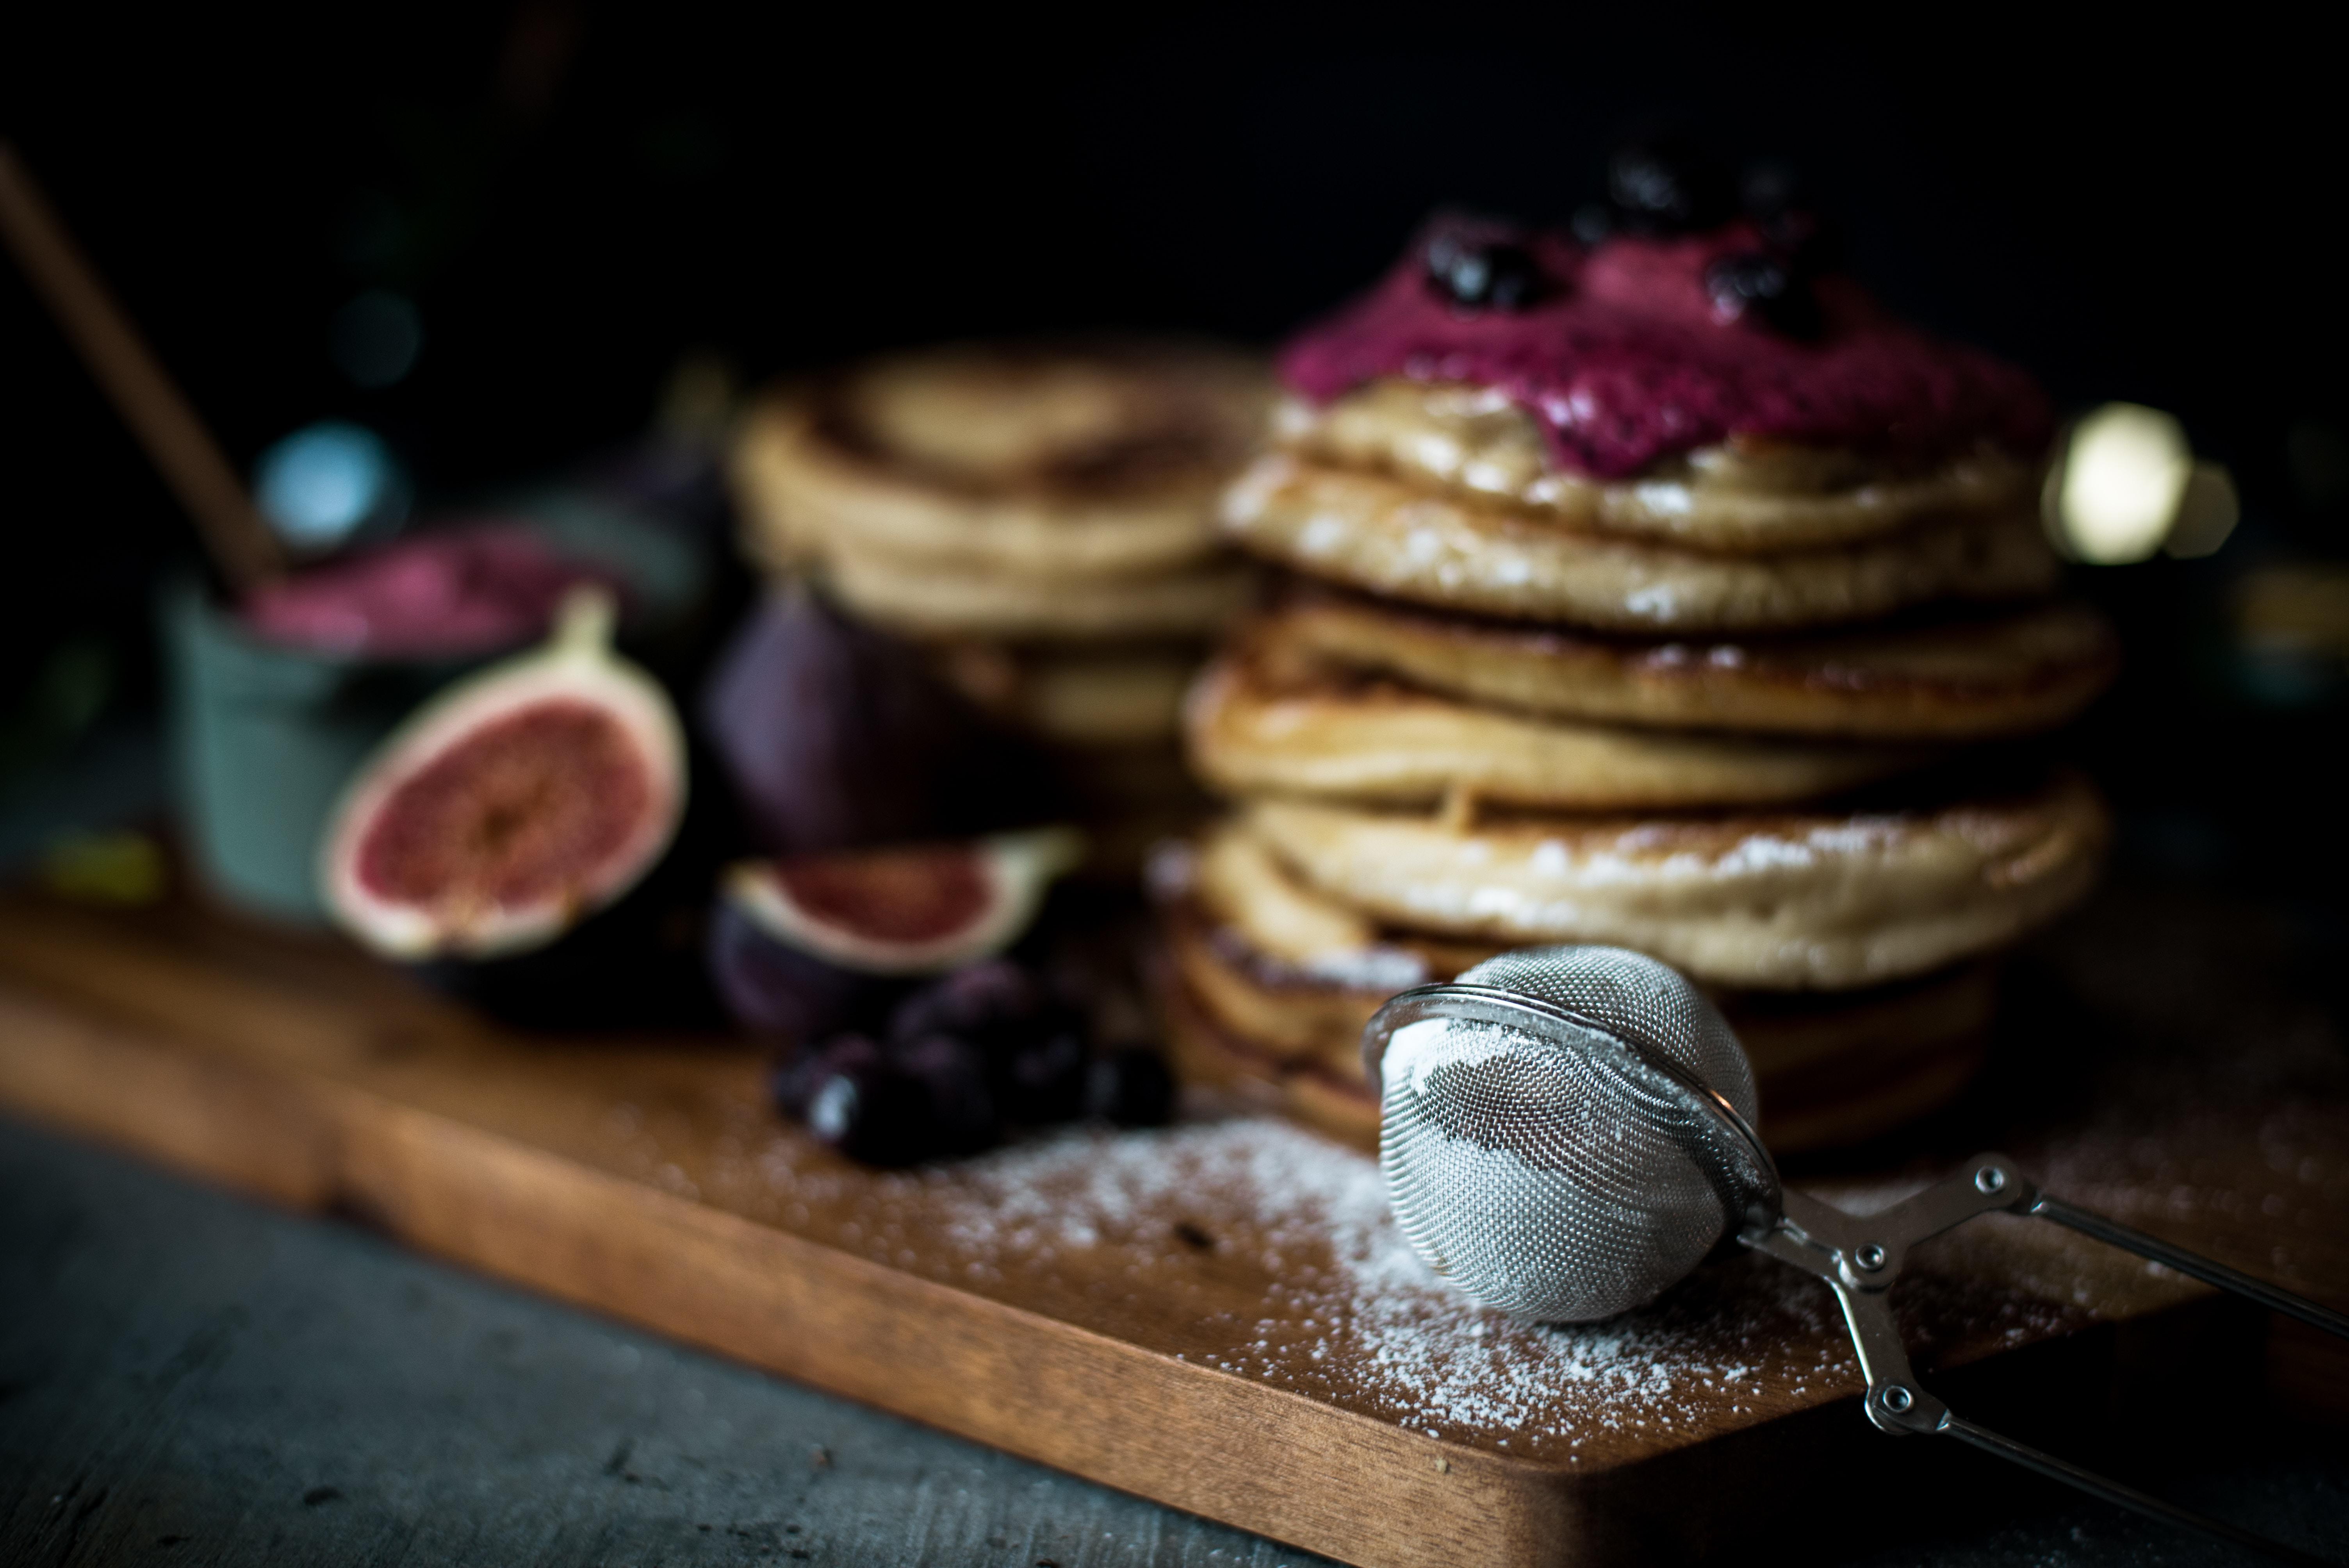 Pancake making in the process